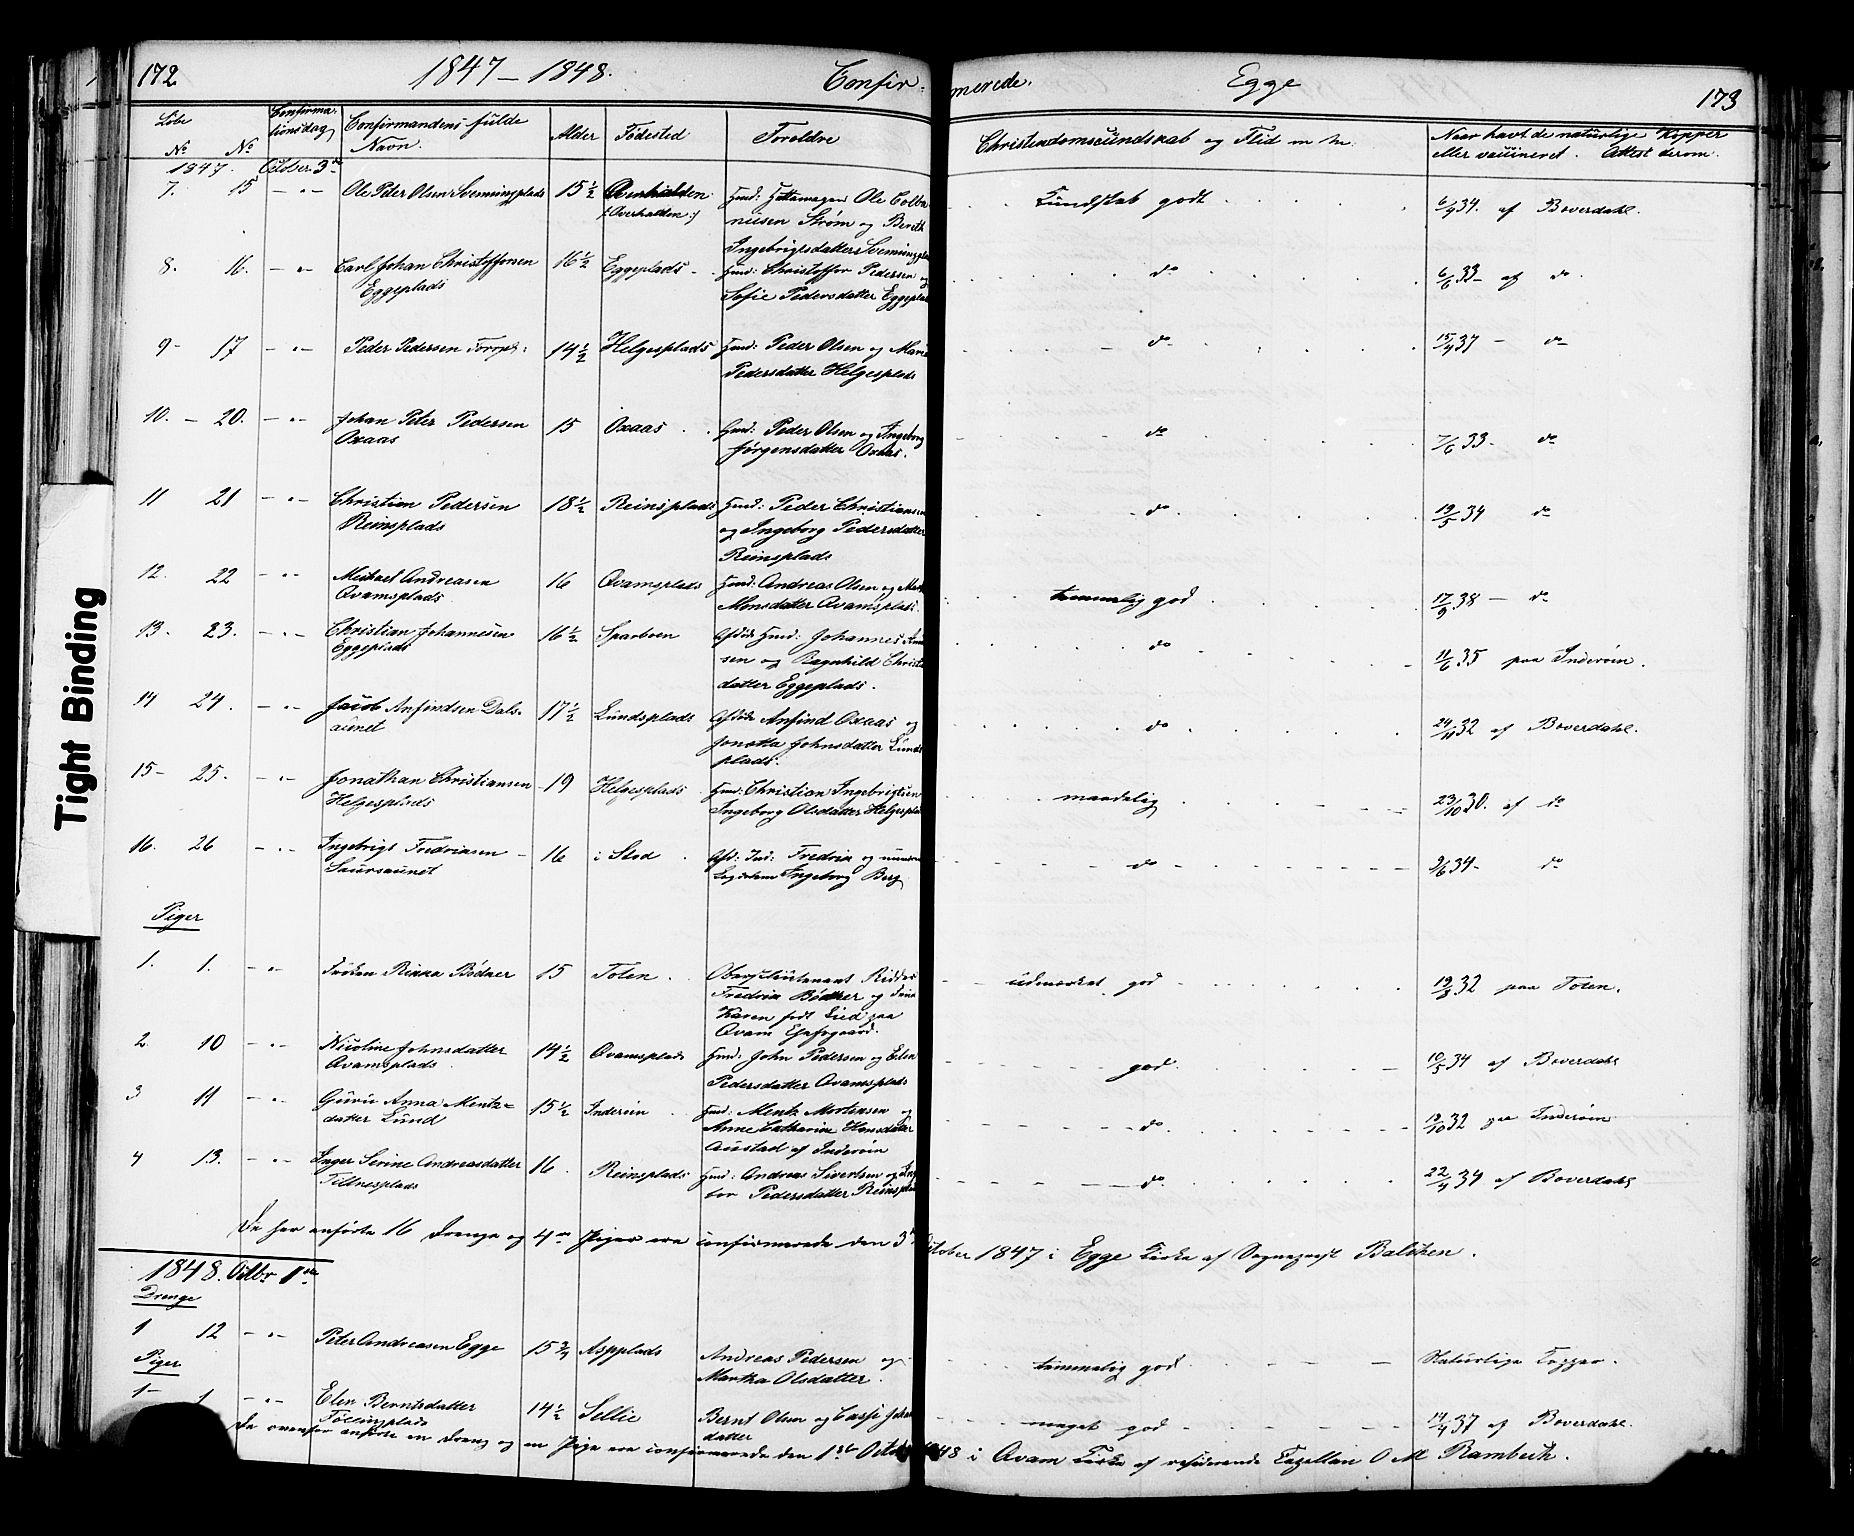 SAT, Ministerialprotokoller, klokkerbøker og fødselsregistre - Nord-Trøndelag, 739/L0367: Ministerialbok nr. 739A01 /3, 1838-1868, s. 172-173